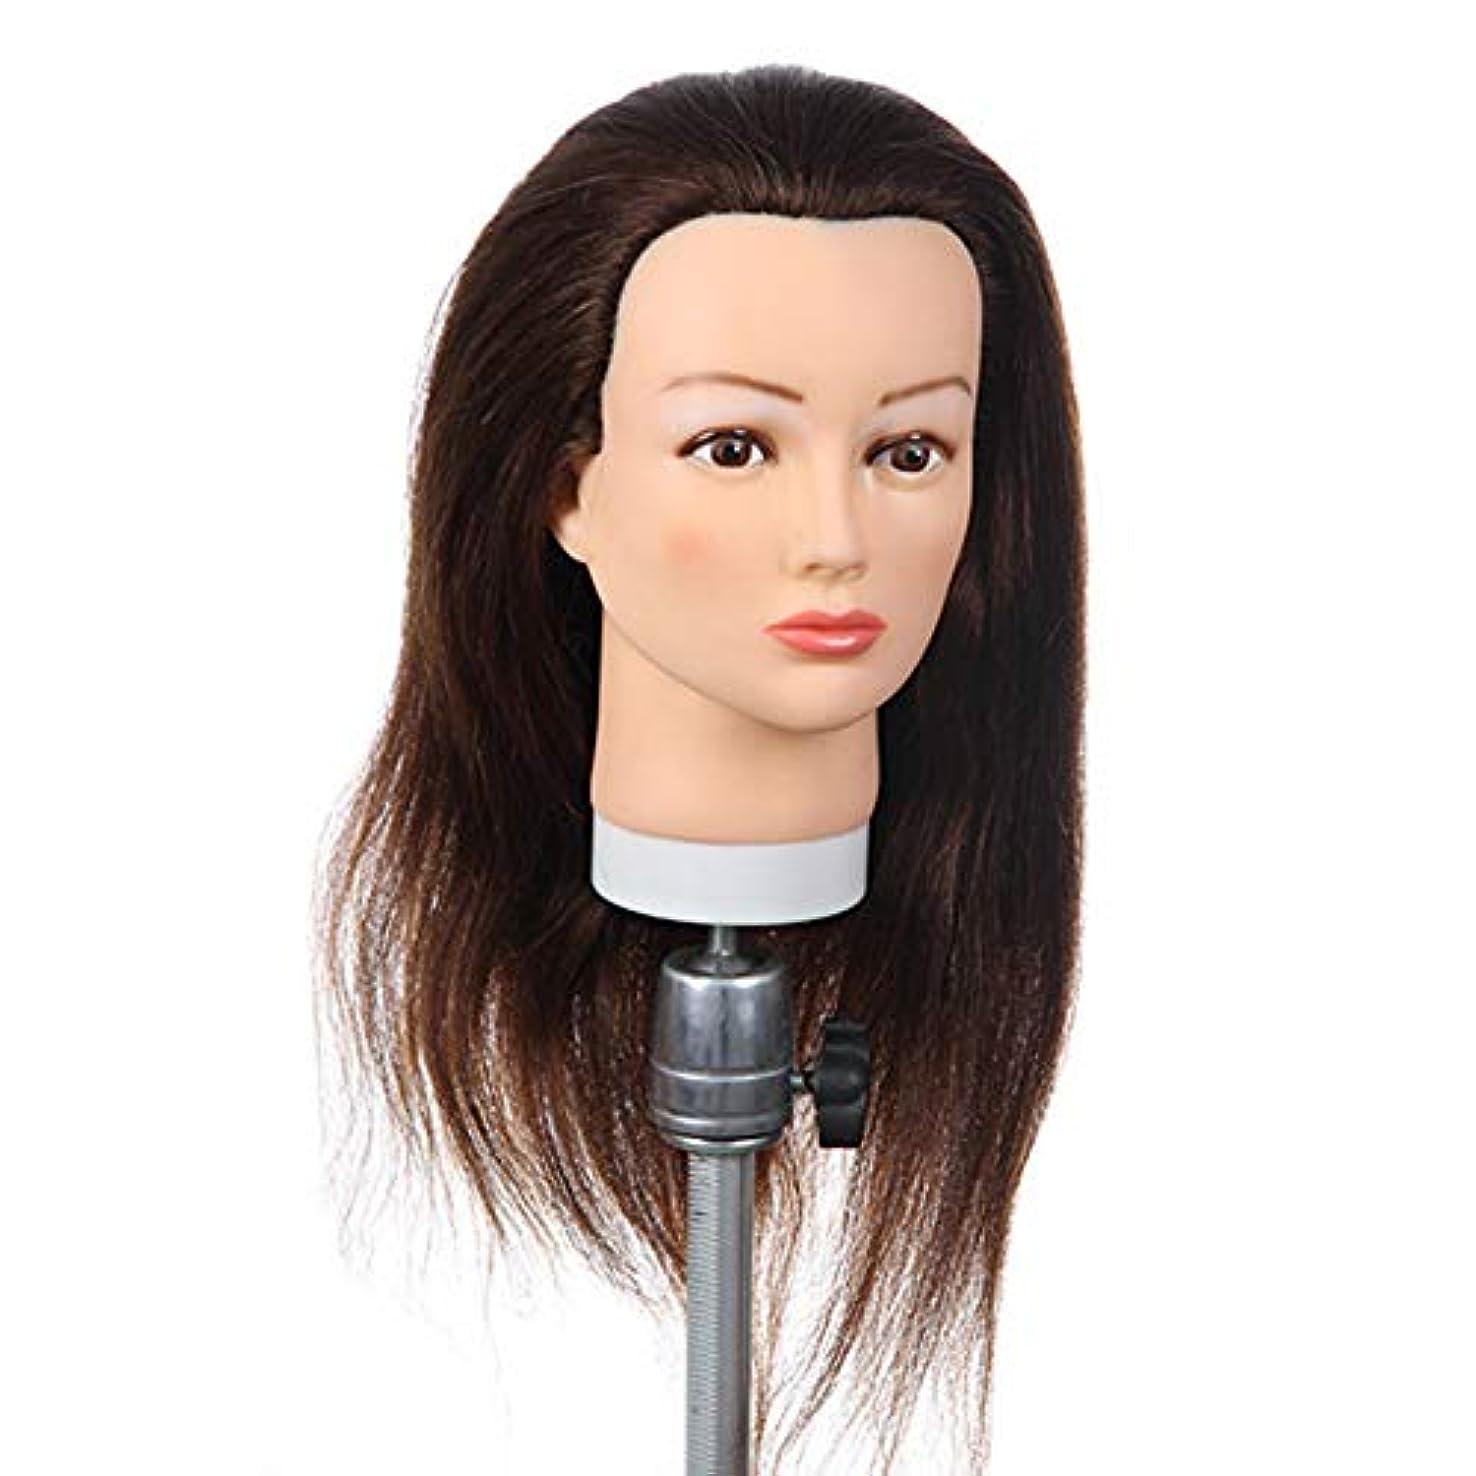 ランチ僕のカラス理髪店理髪練習ヘッドパーマ髪染め髪ダミーヘッド花嫁メイクスタイリング編組マネキンヘッド